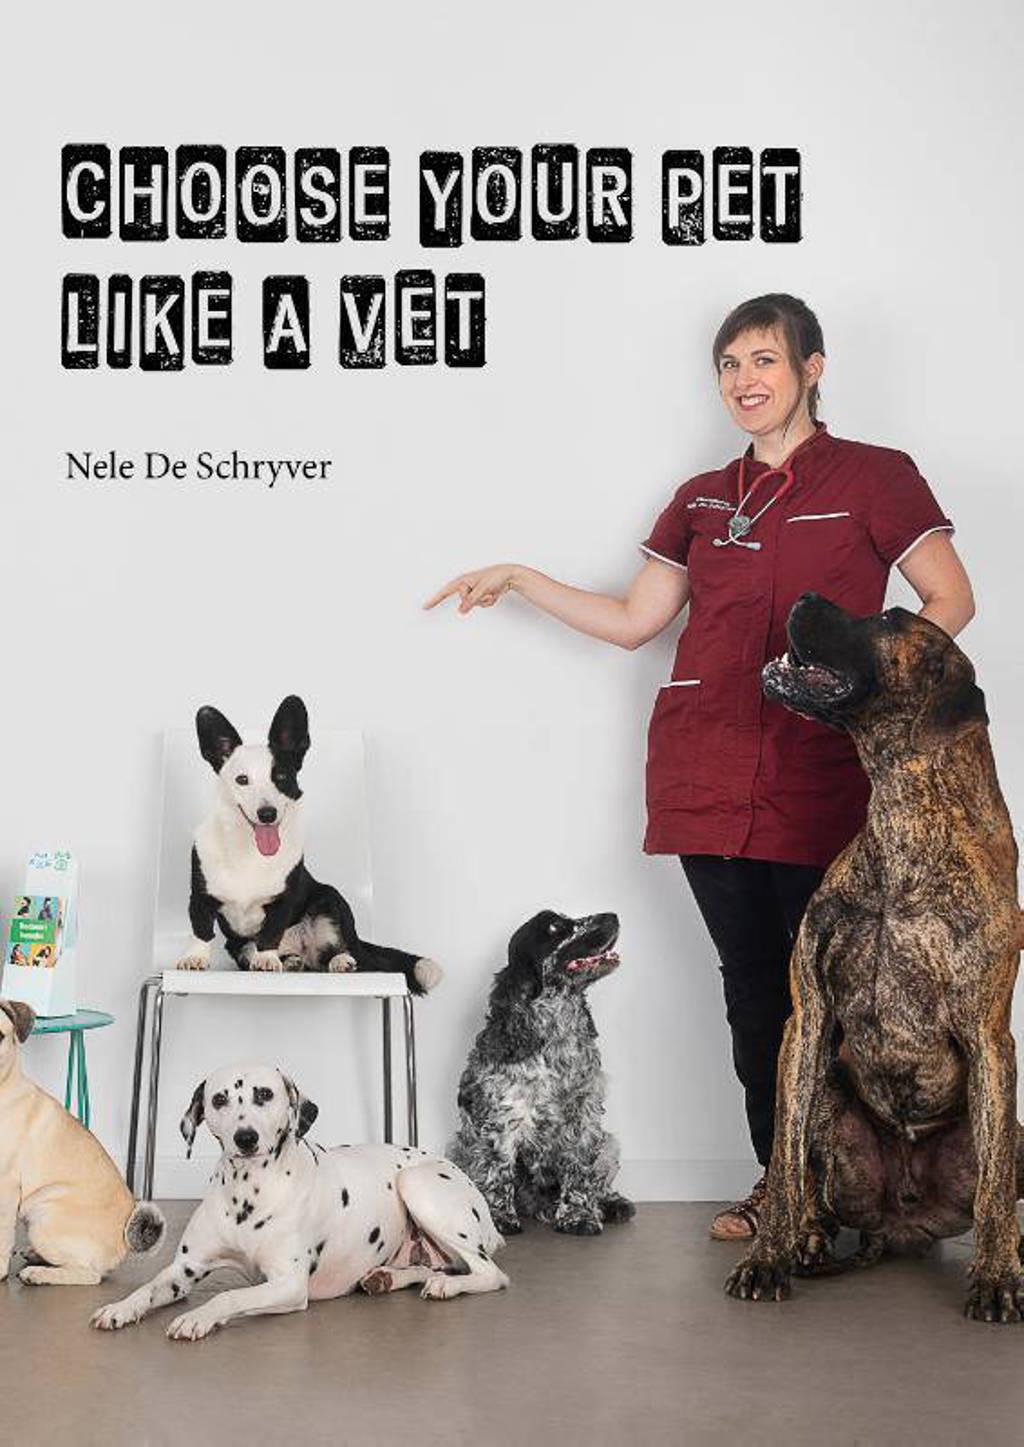 Choose your pet like a vet - Nele De Schryver